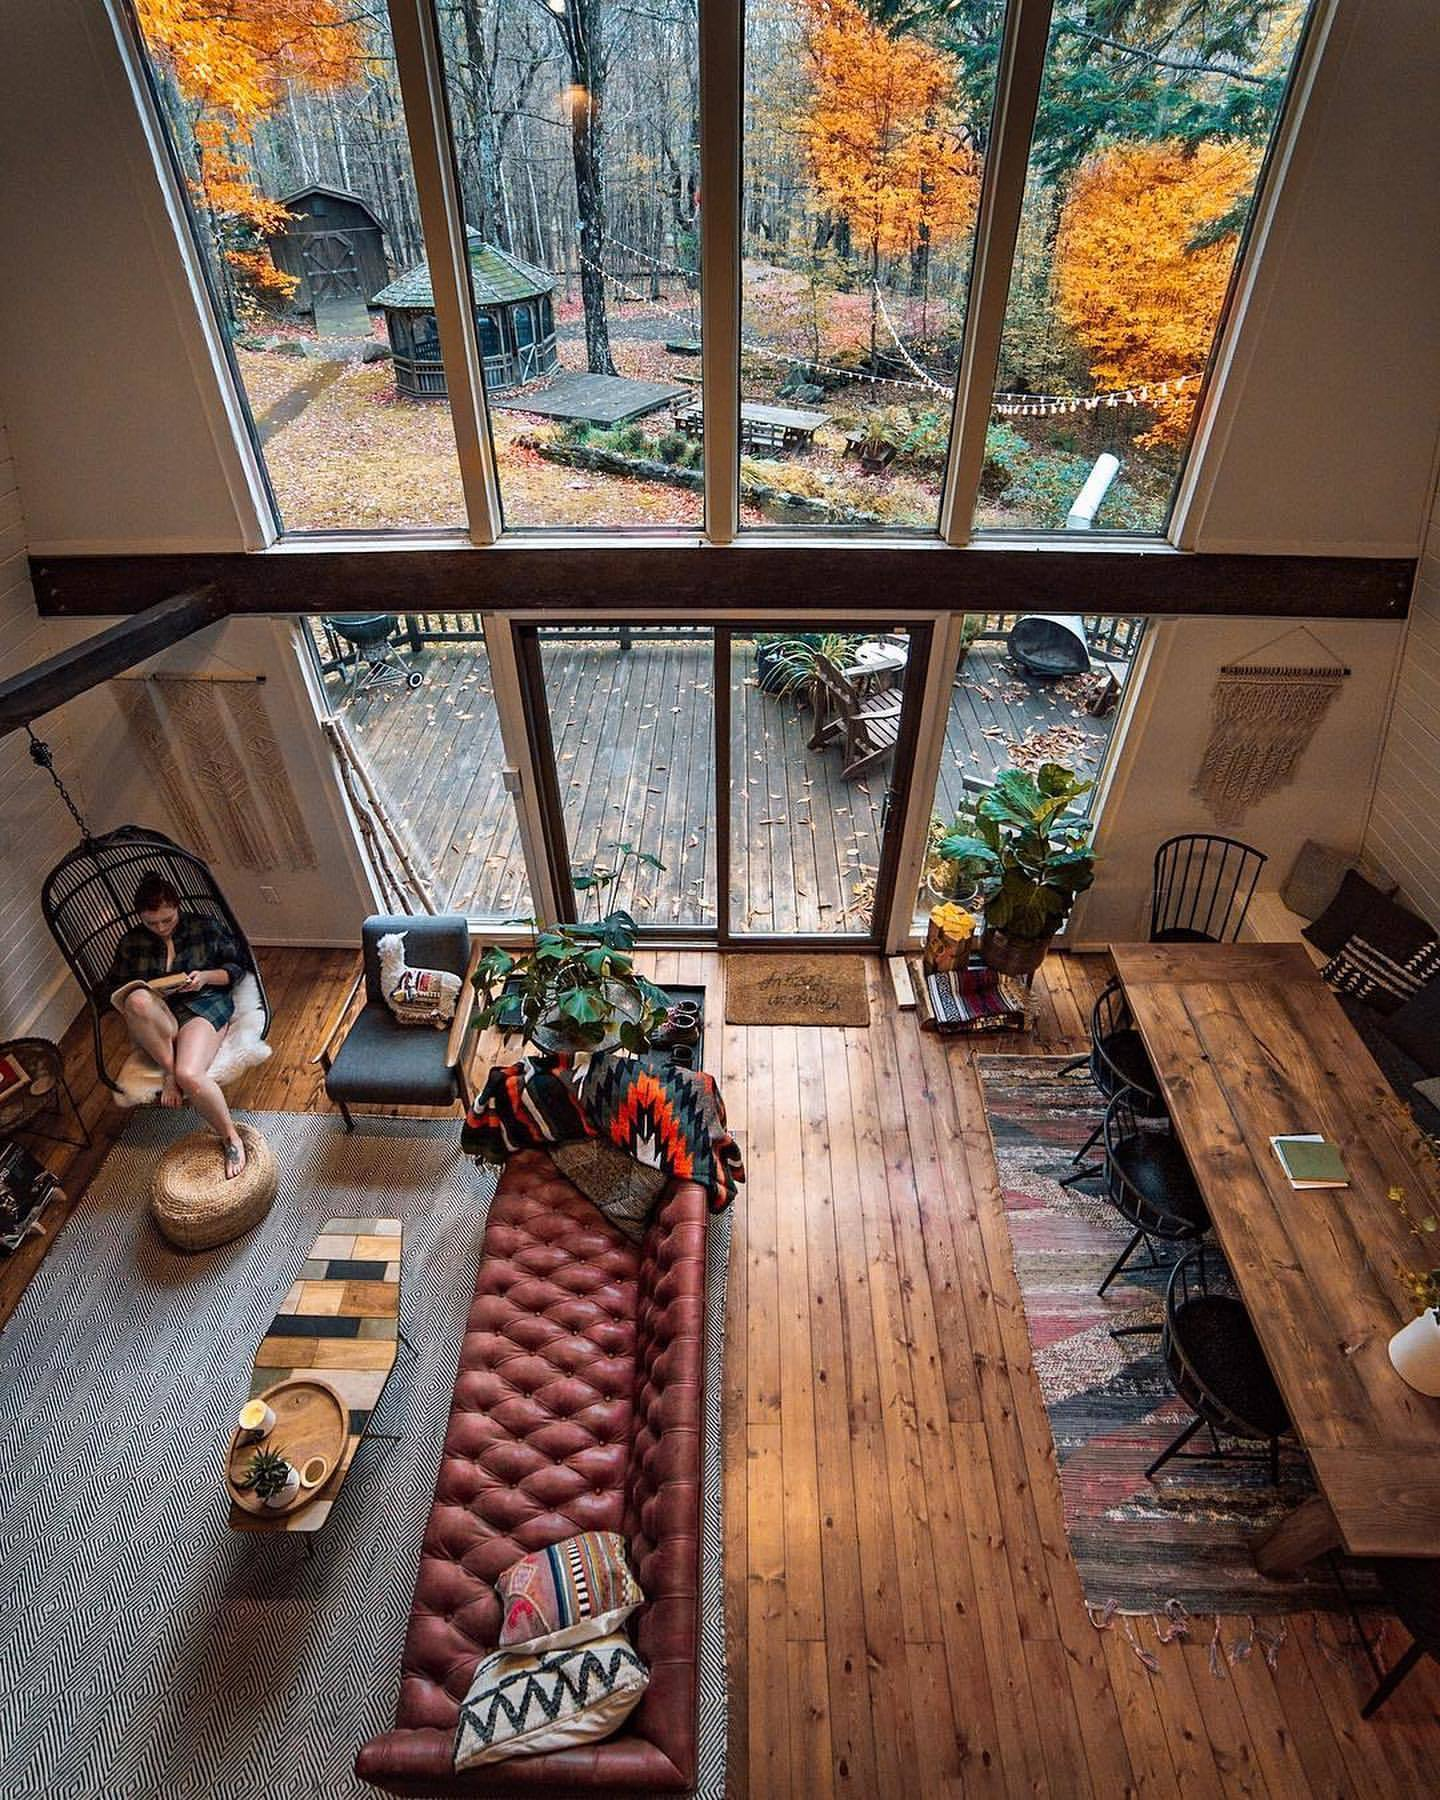 Grand salon de chalet deux niveaux, haut toit mur en verre, deco montagne, décoration chambre à coucher rustique